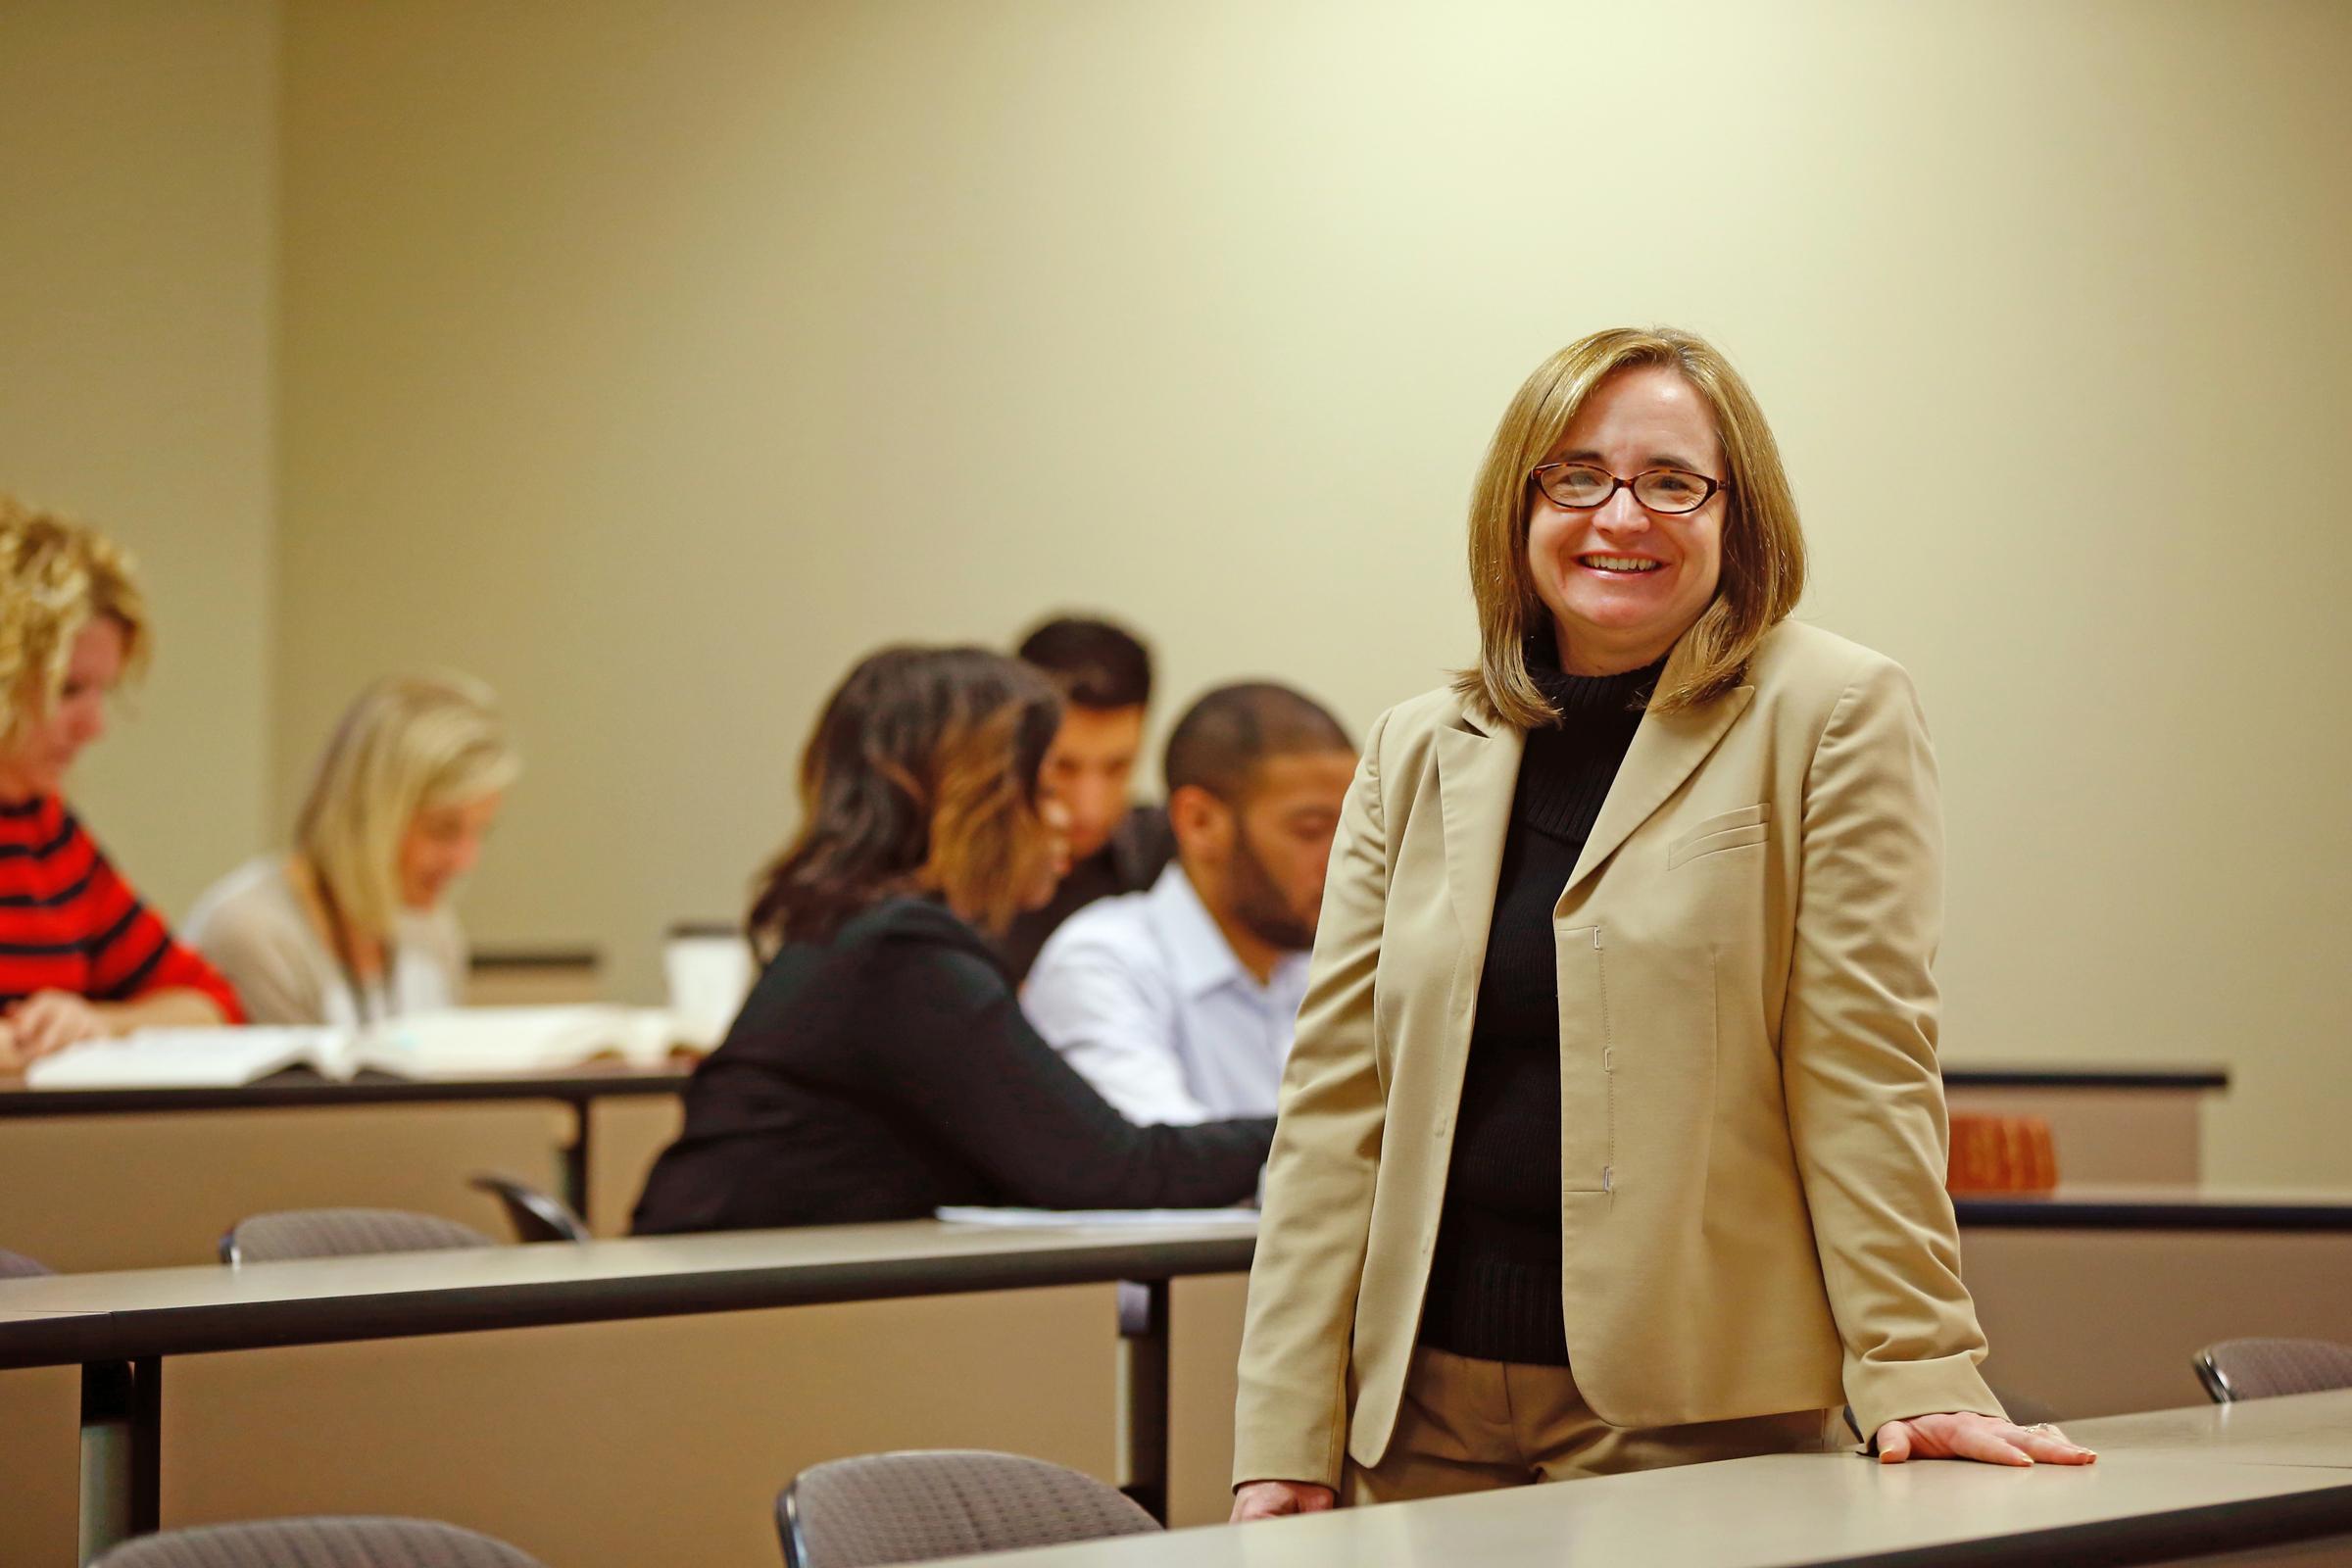 University appoints new dean of law school